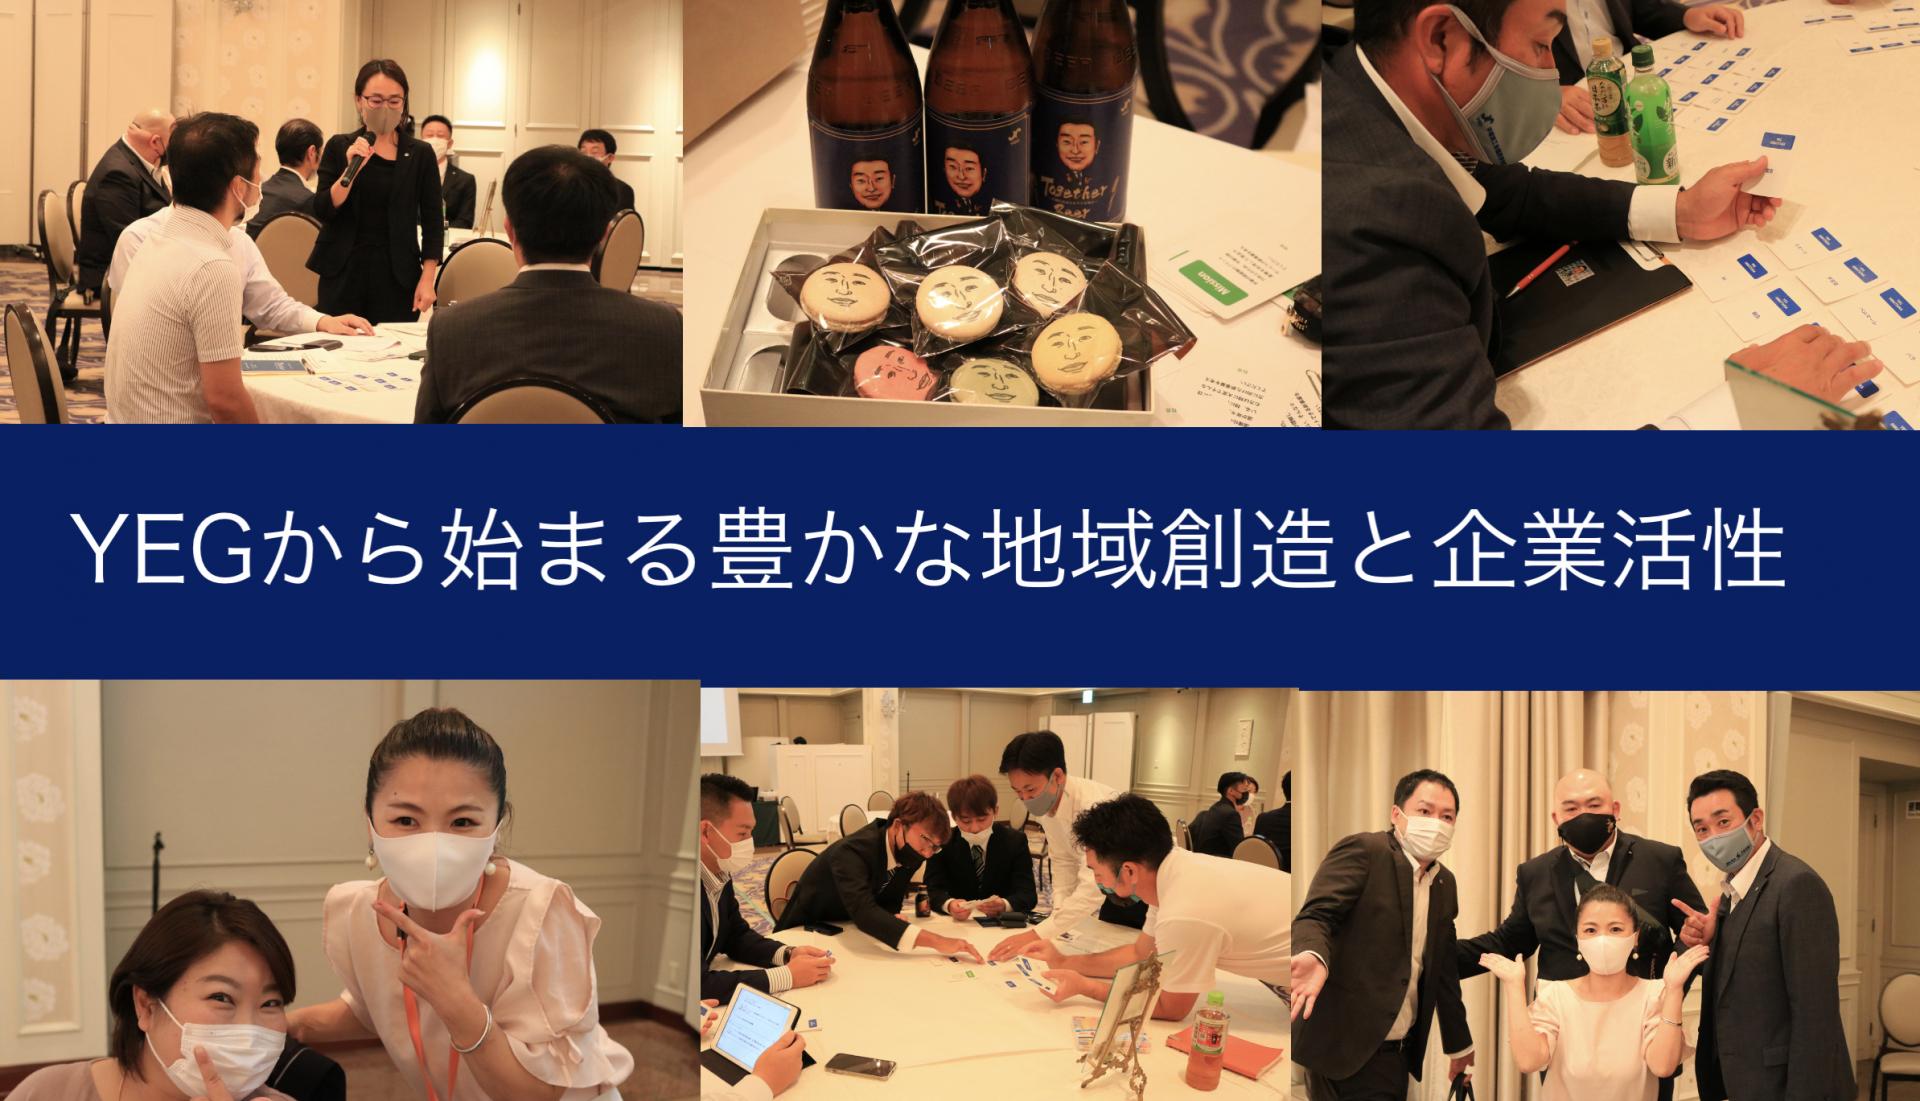 令和 3 年度 8 月定例会 「Be together in Hiratsuka」〜地域から新しい価値を創造〜